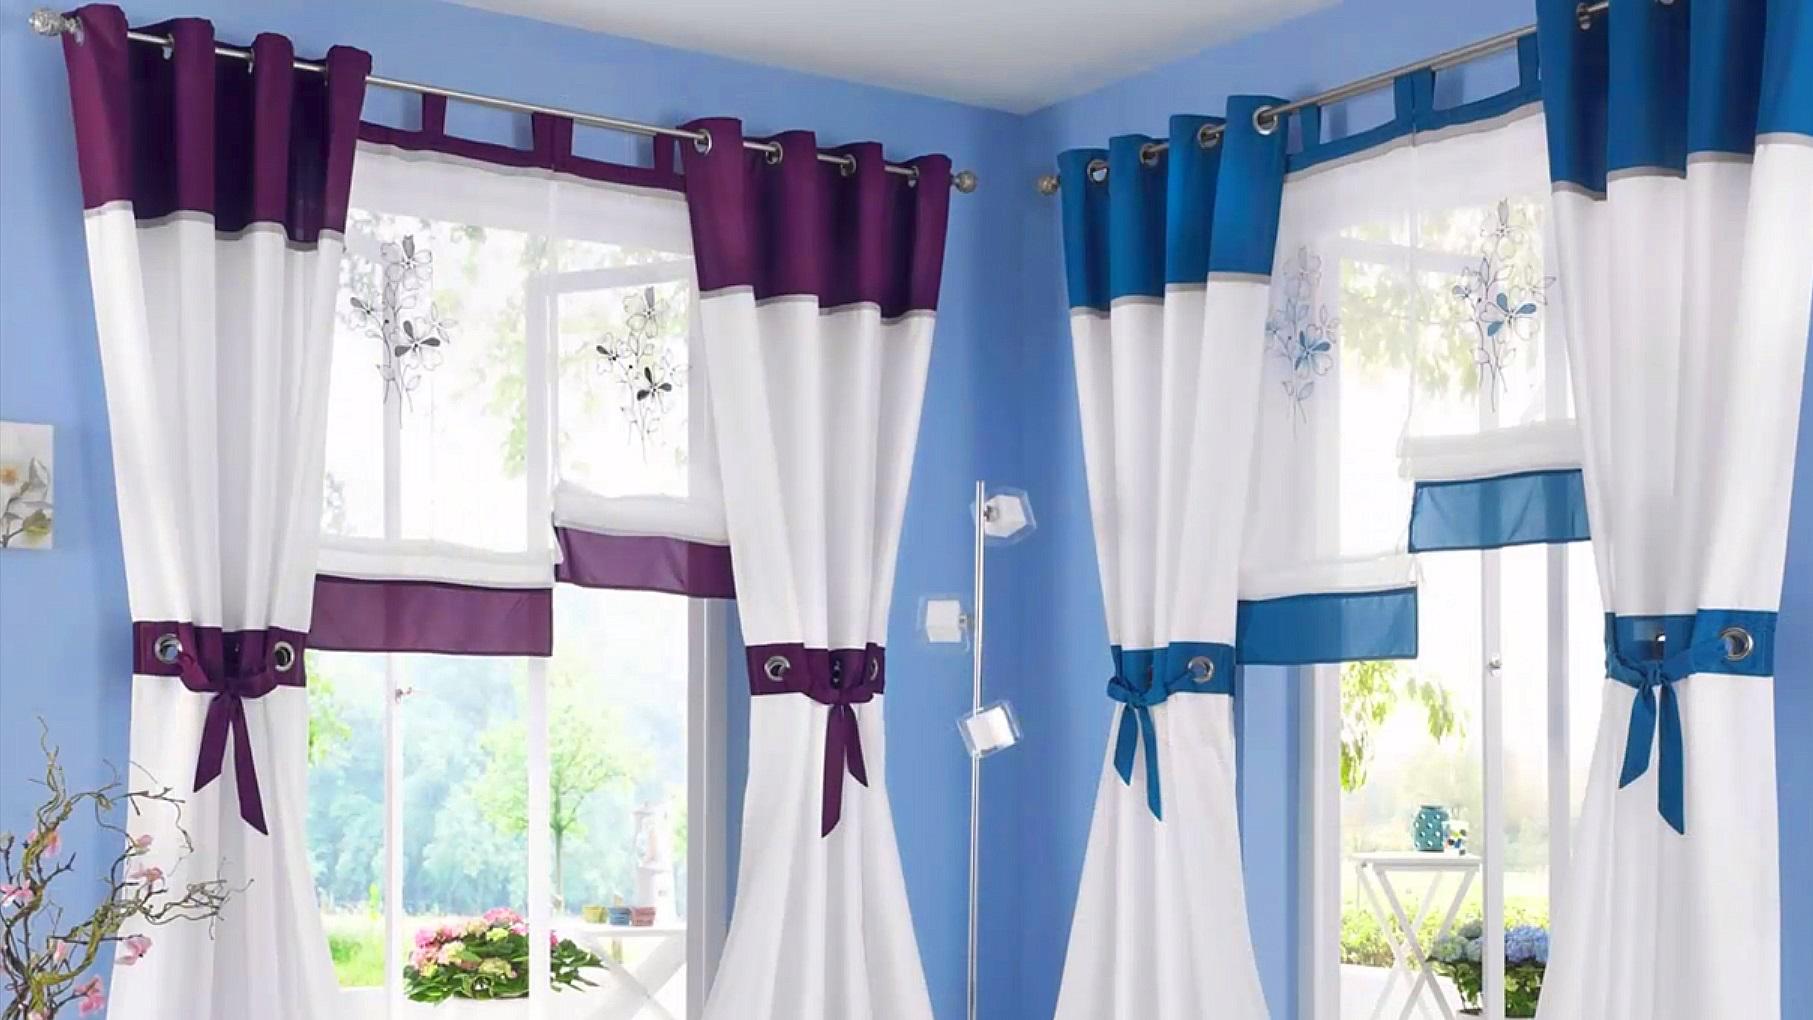 Dise os de cortinas - Diseno cortinas modernas ...